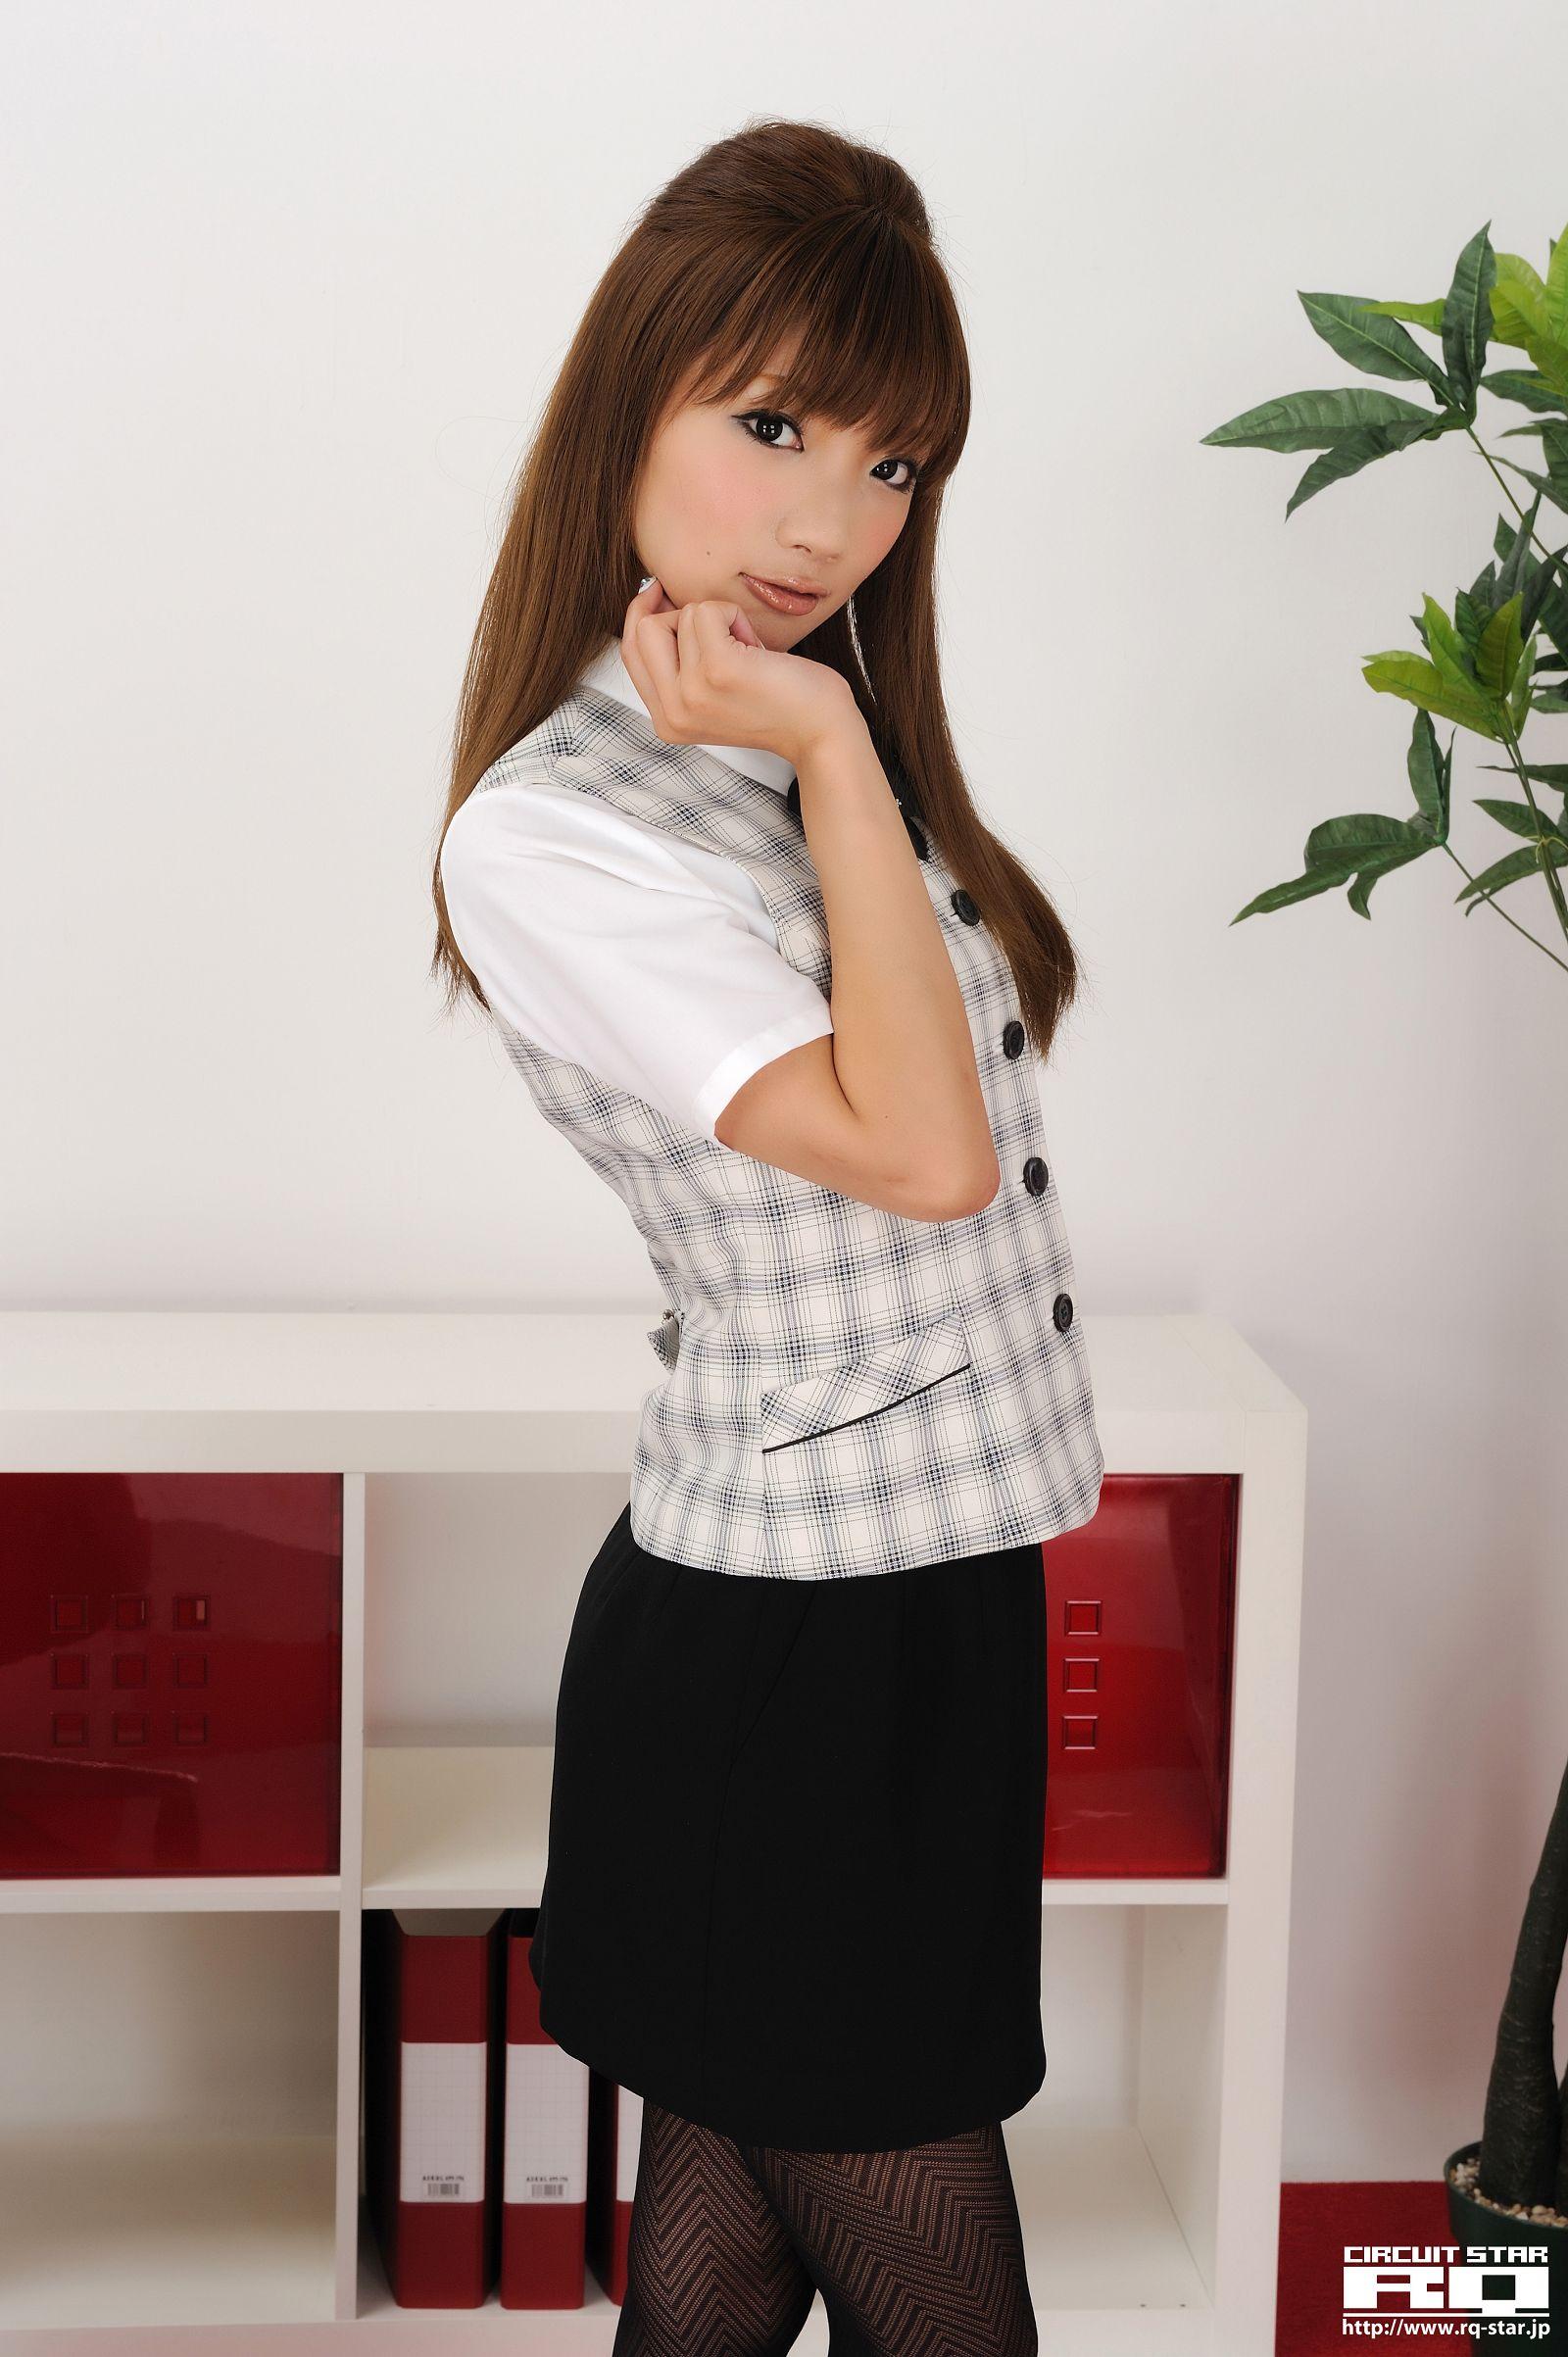 [RQ STAR美女] NO.0313 Junko Maya 真野淳子 Office Lady[60P] RQ STAR 第4张